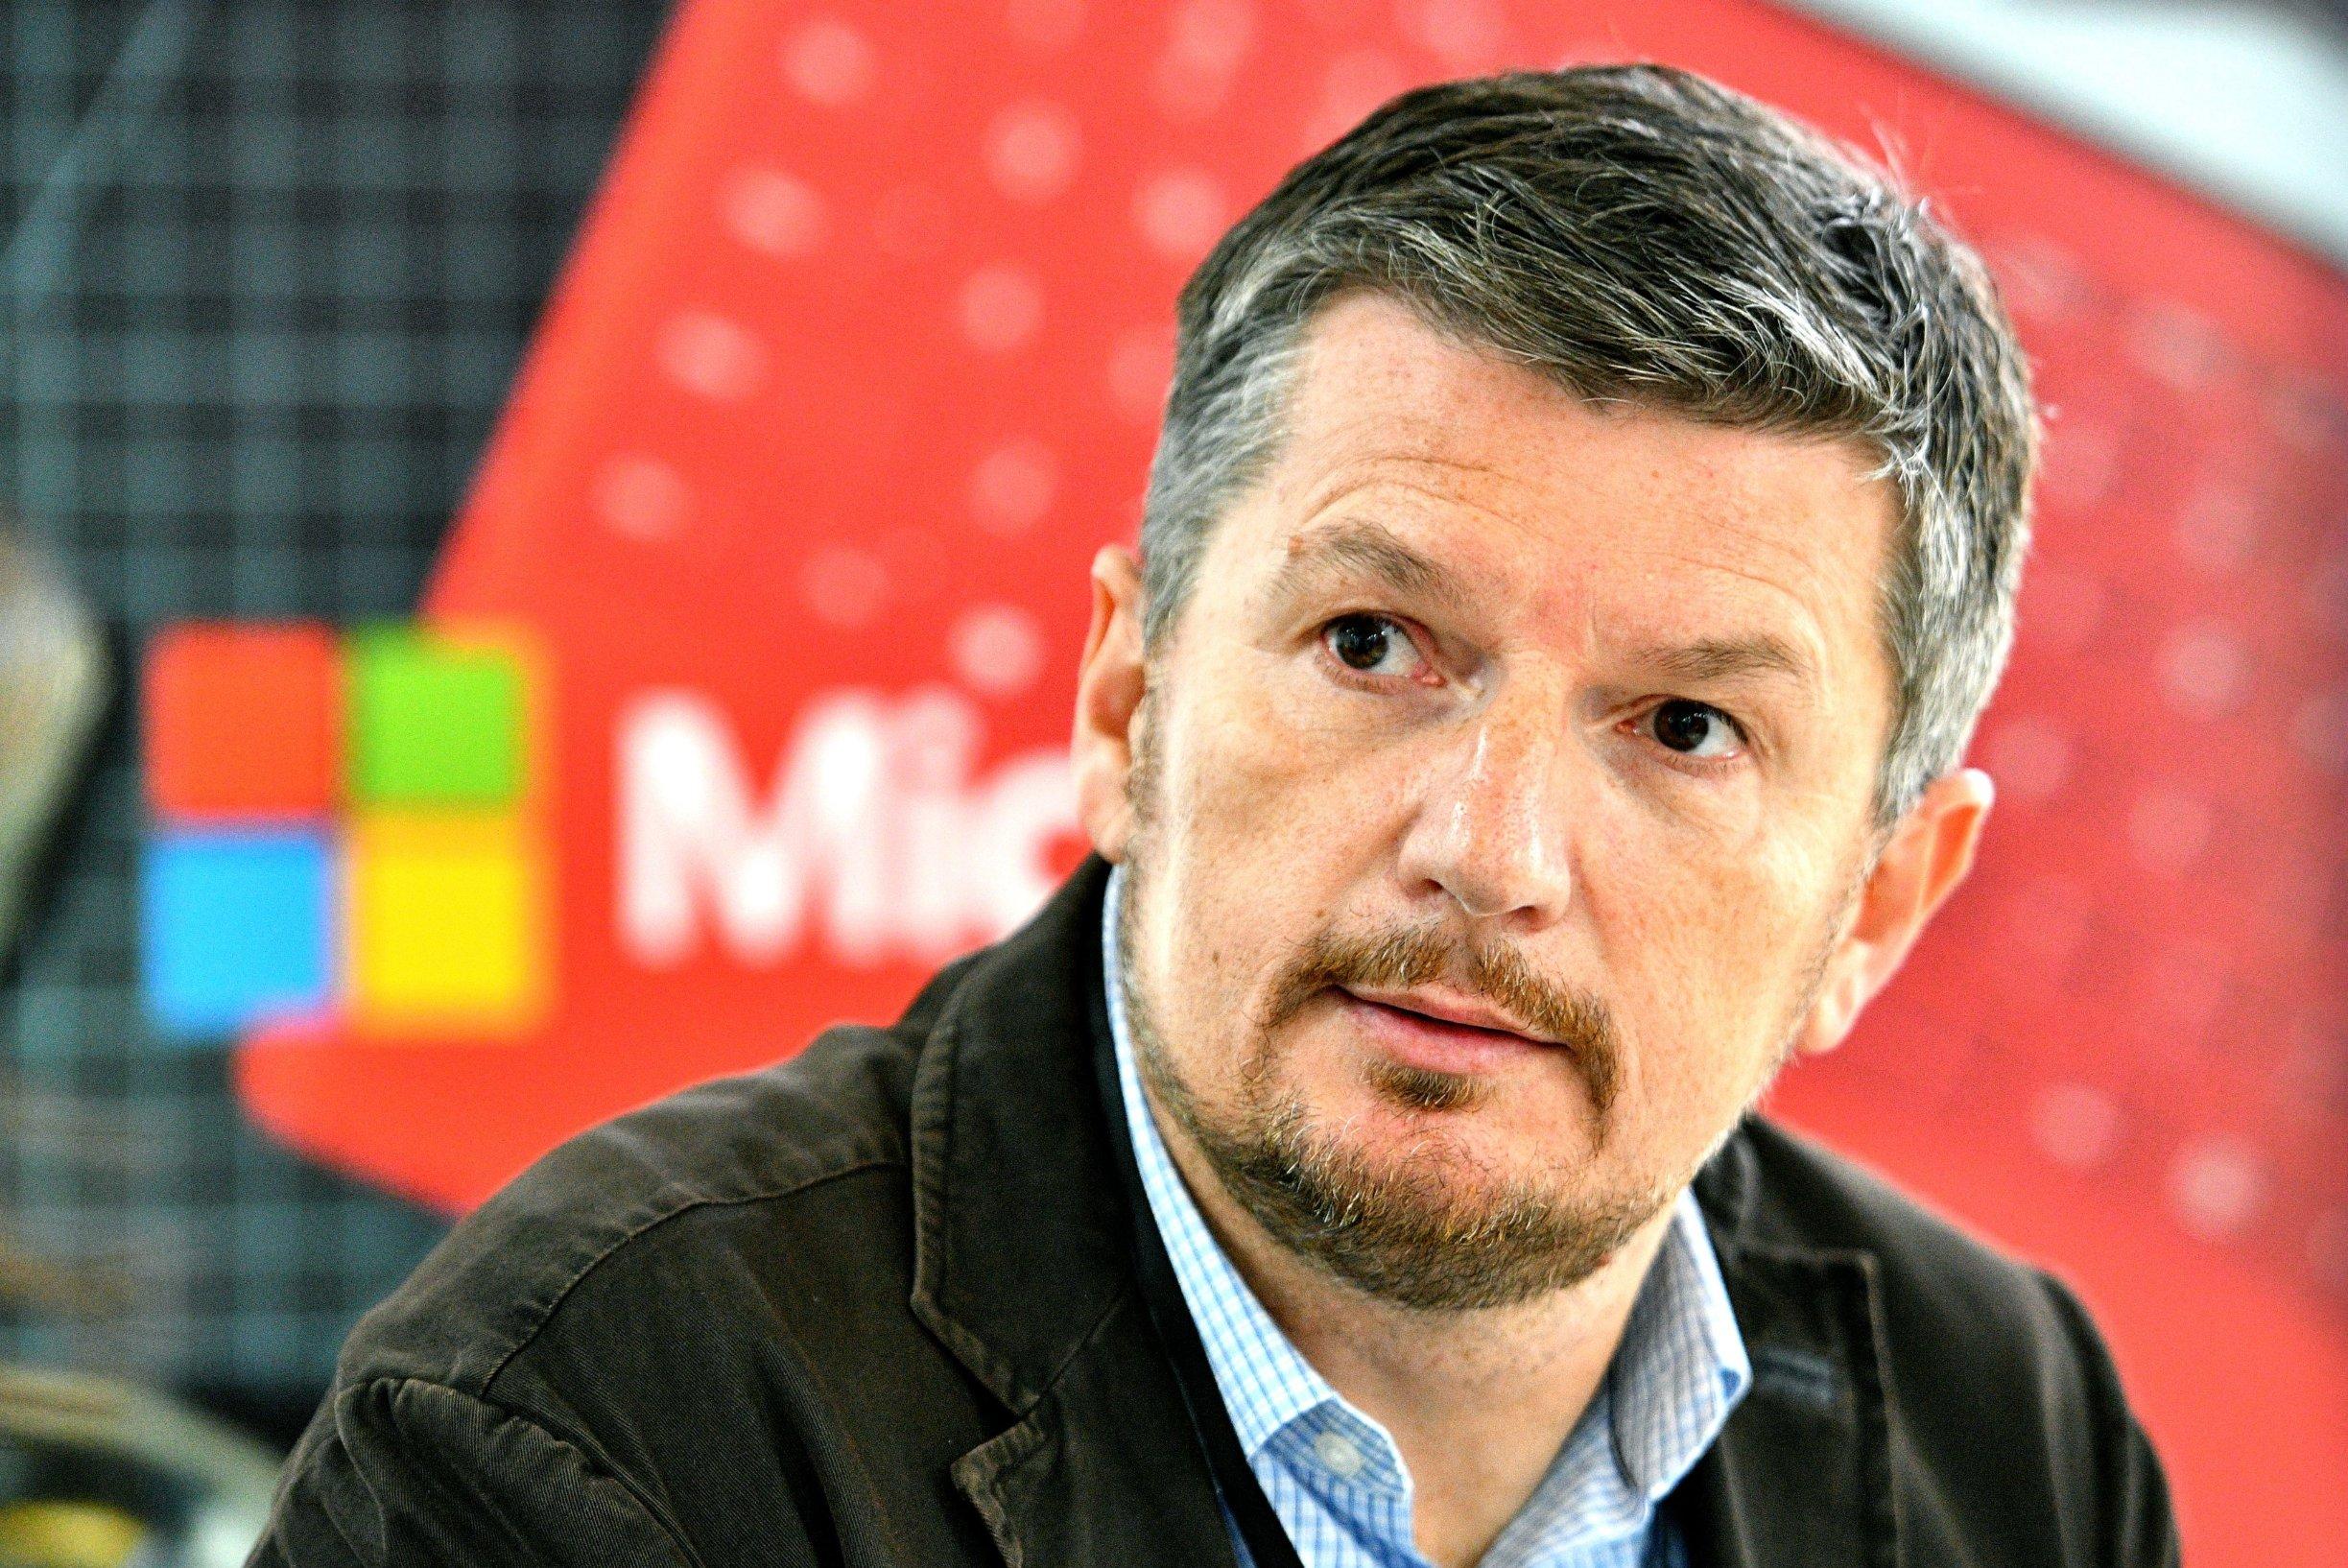 Ratko Mutavdžić, direktor usluge informatičkog oblaka (Cloud Service) u javnom sektoru za Srednjoistočnu Europu u kompaniji Microsoft